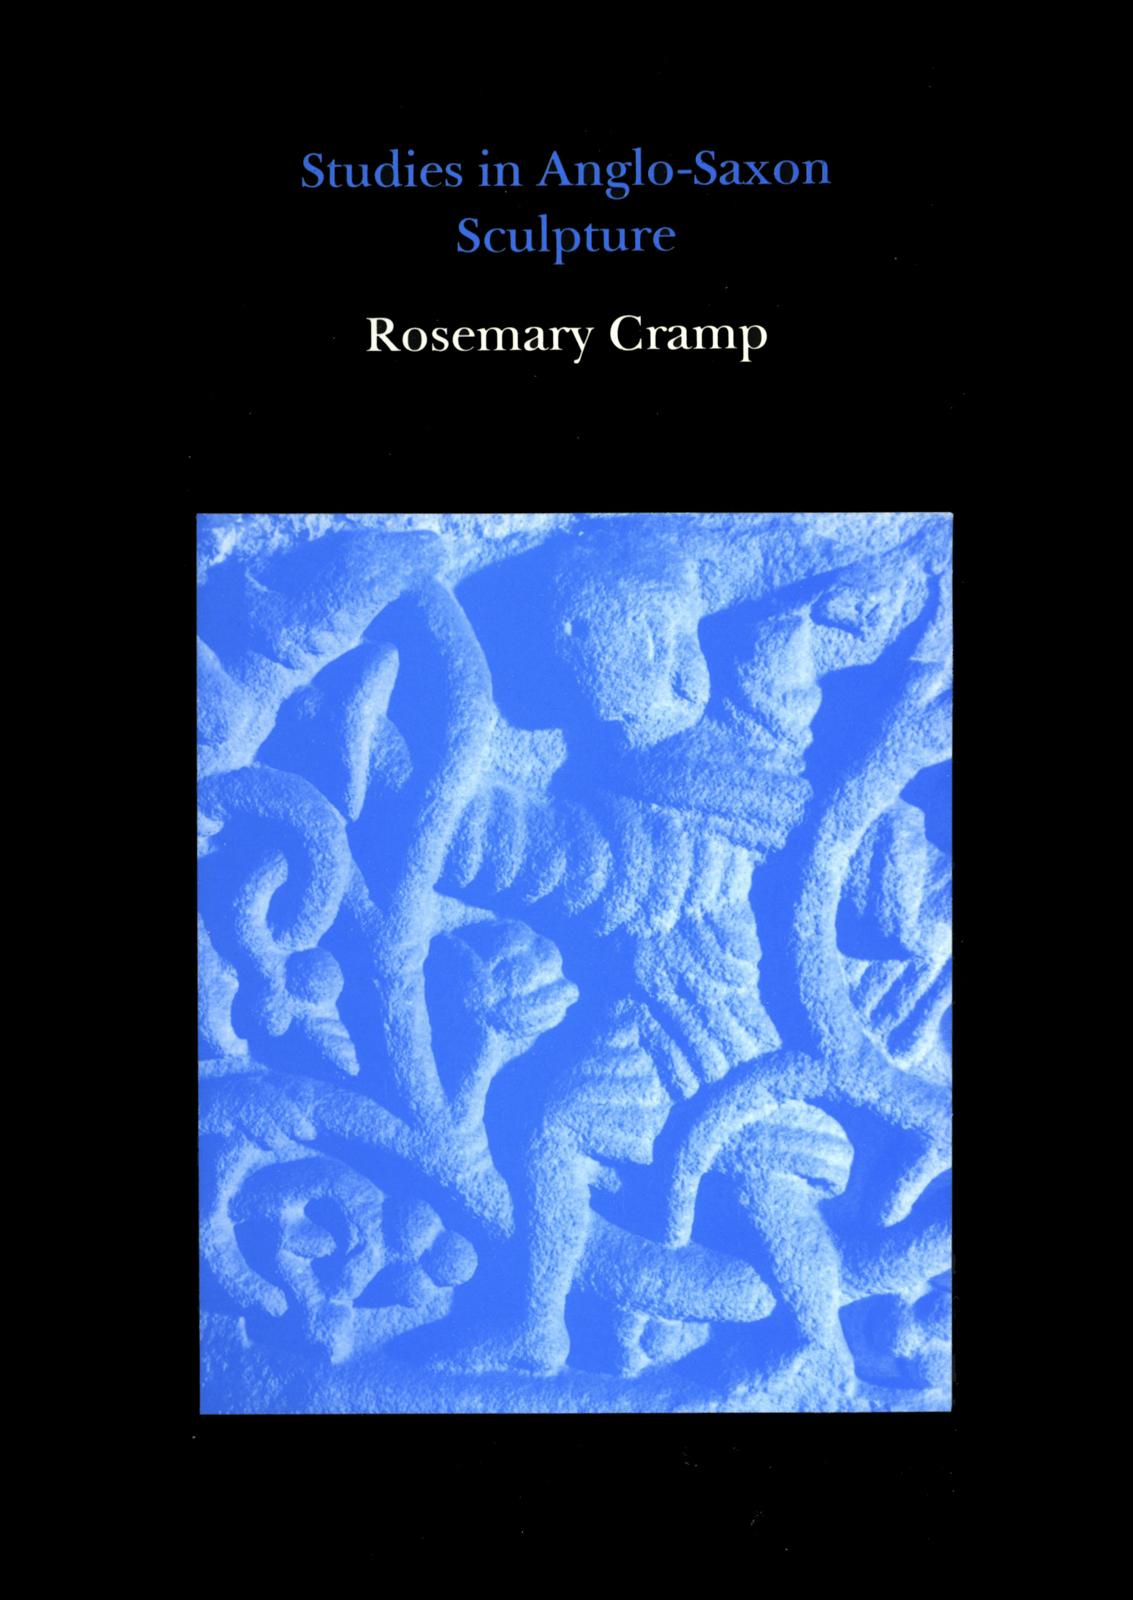 Rosemary Cramp